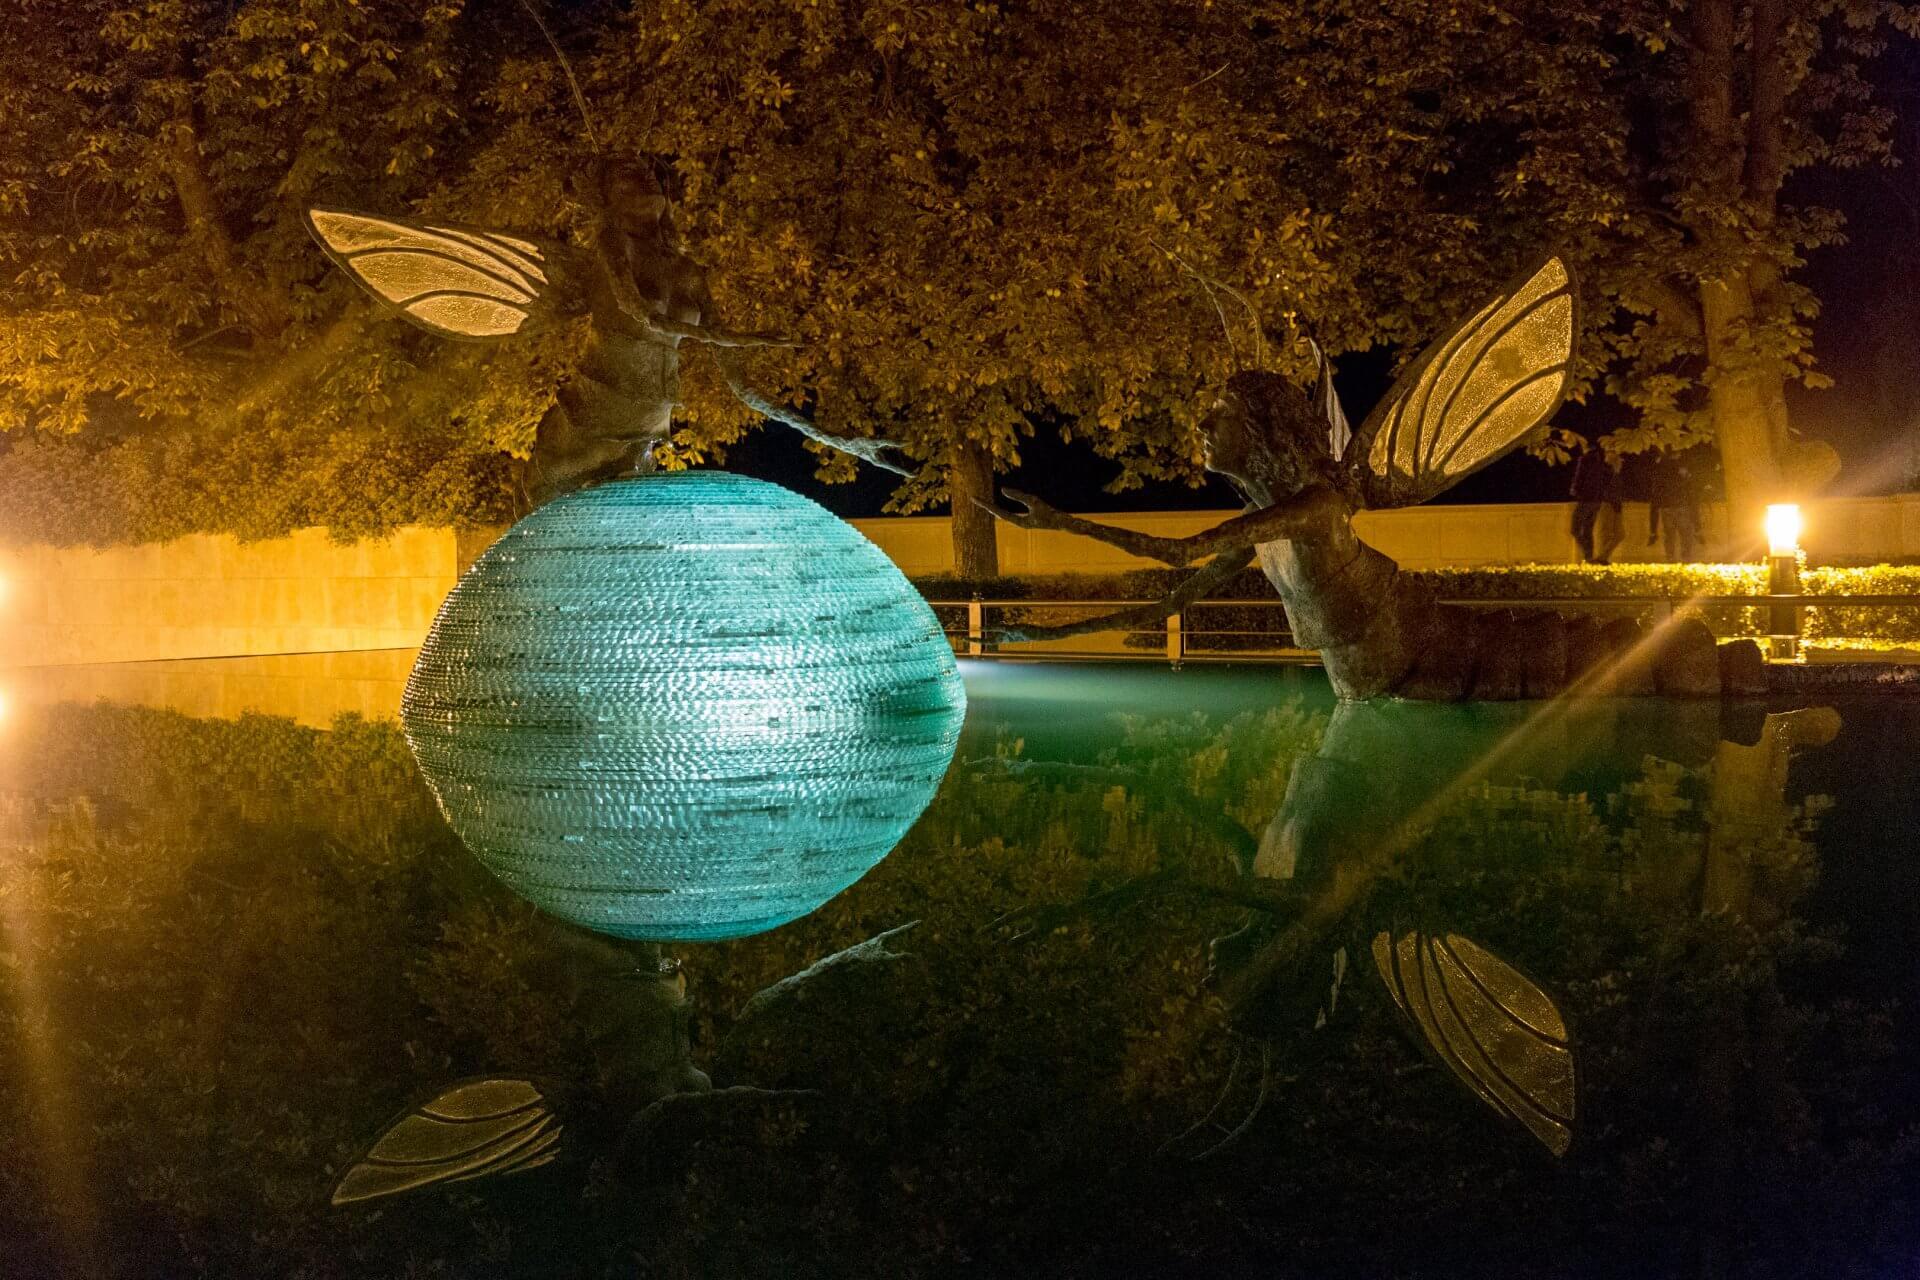 """Szolnok, Bronzeskulptur """"Paarungstanz der Eintagsfliegen"""", 2011"""